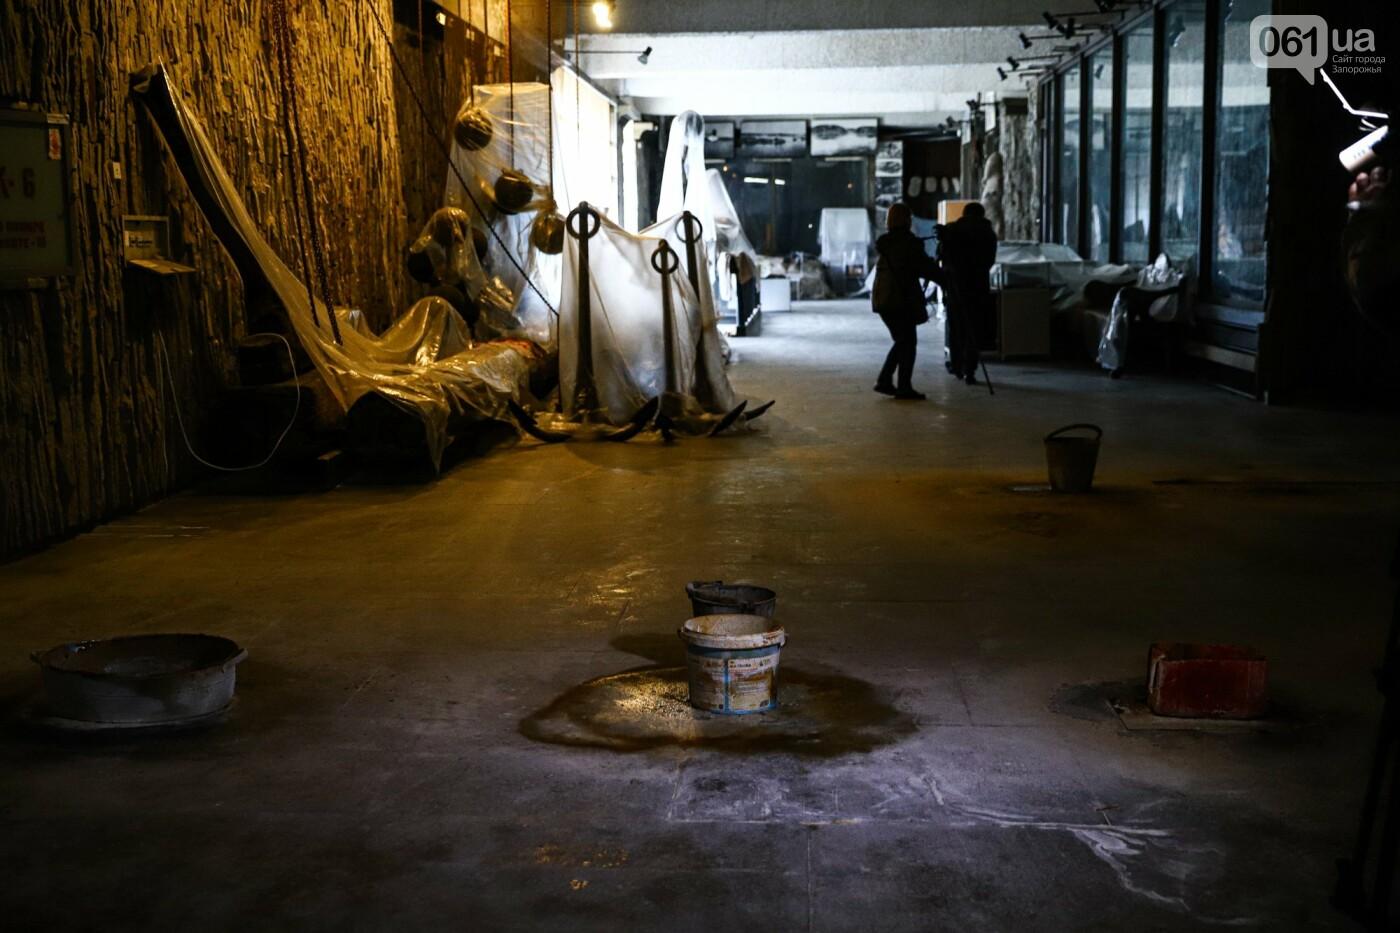 Музей истории запорожского казачества в ожидании реконструкции: как сейчас выглядит аварийное здание, - ФОТОРЕПОРТАЖ, фото-41